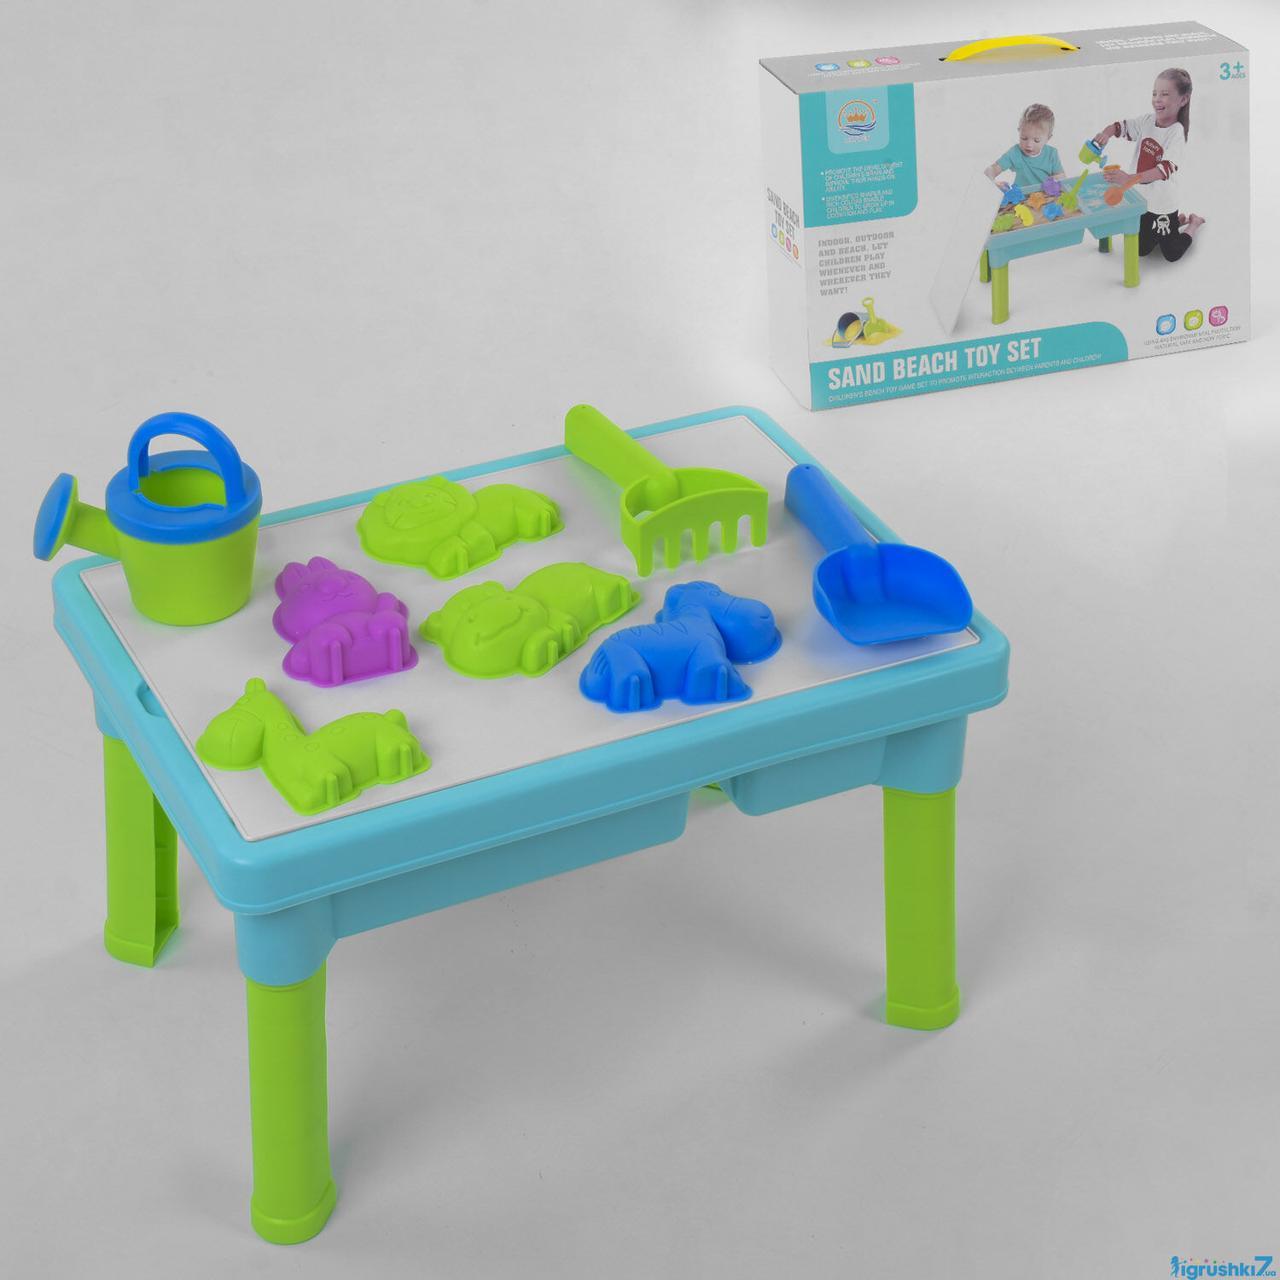 Детский столик для песка и воды R 399-6 с аксессуарами